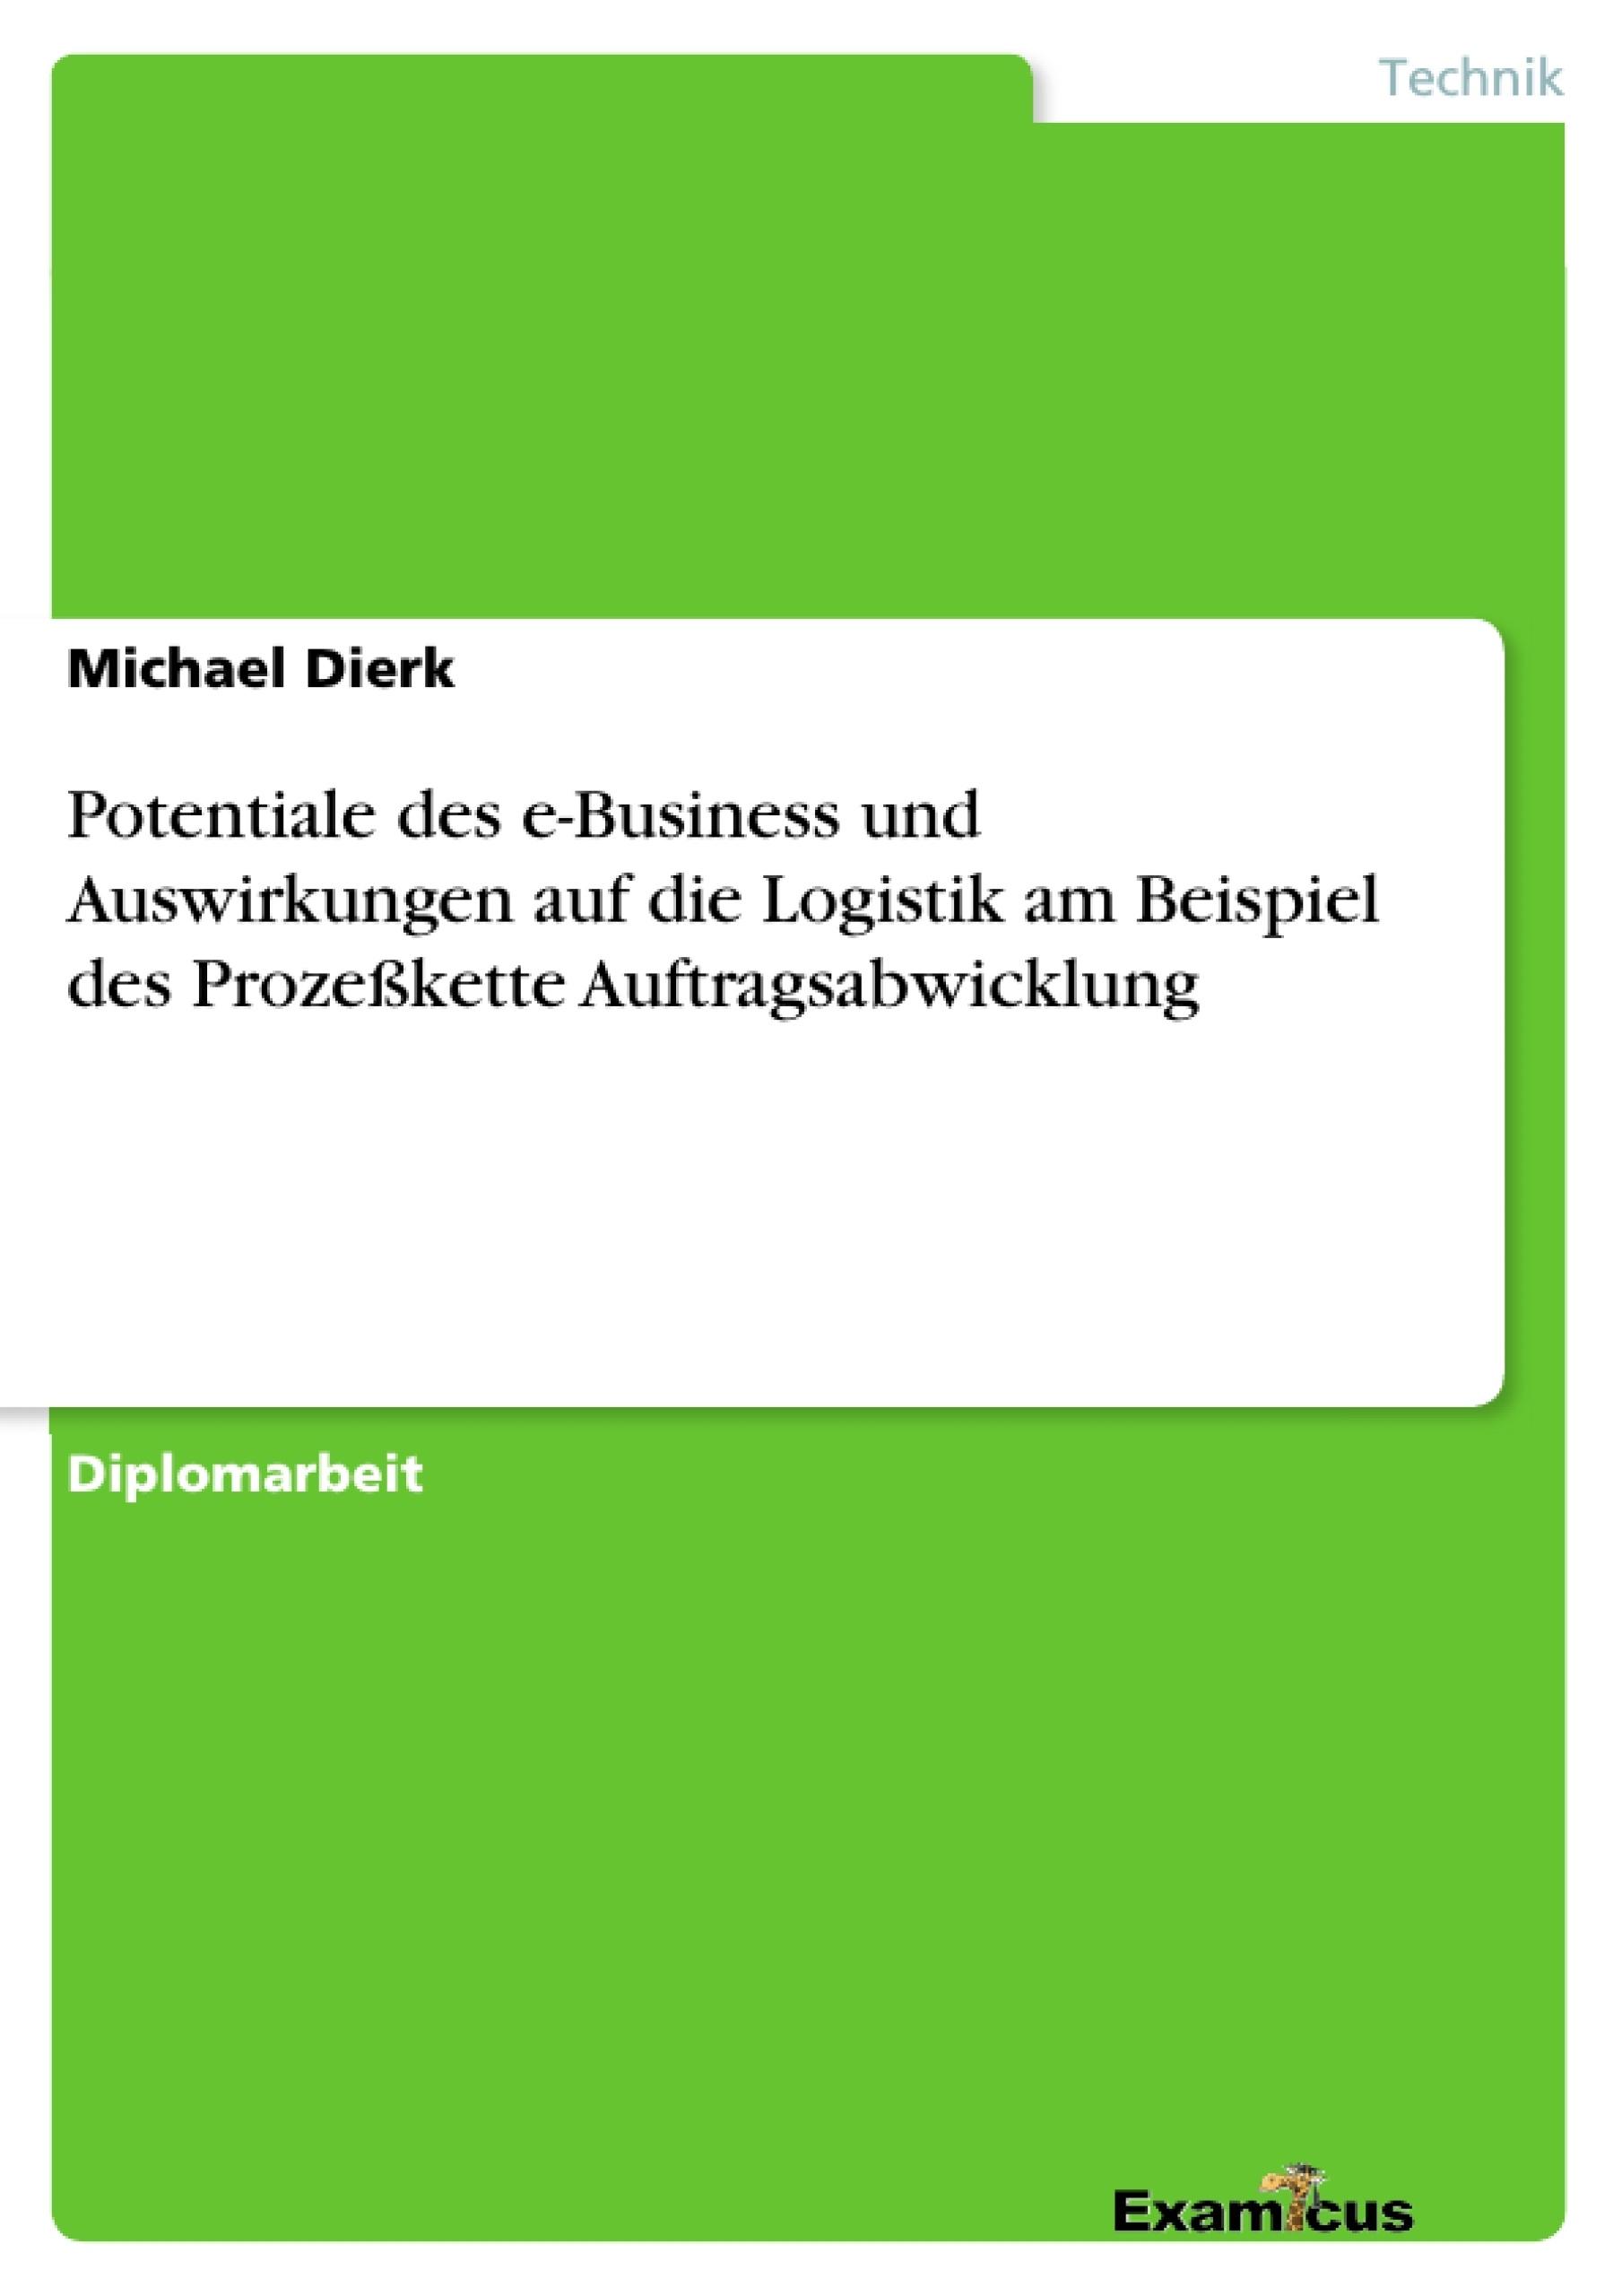 Titel: Potentiale des e-Business und Auswirkungen auf die Logistik am Beispiel des Prozeßkette Auftragsabwicklung